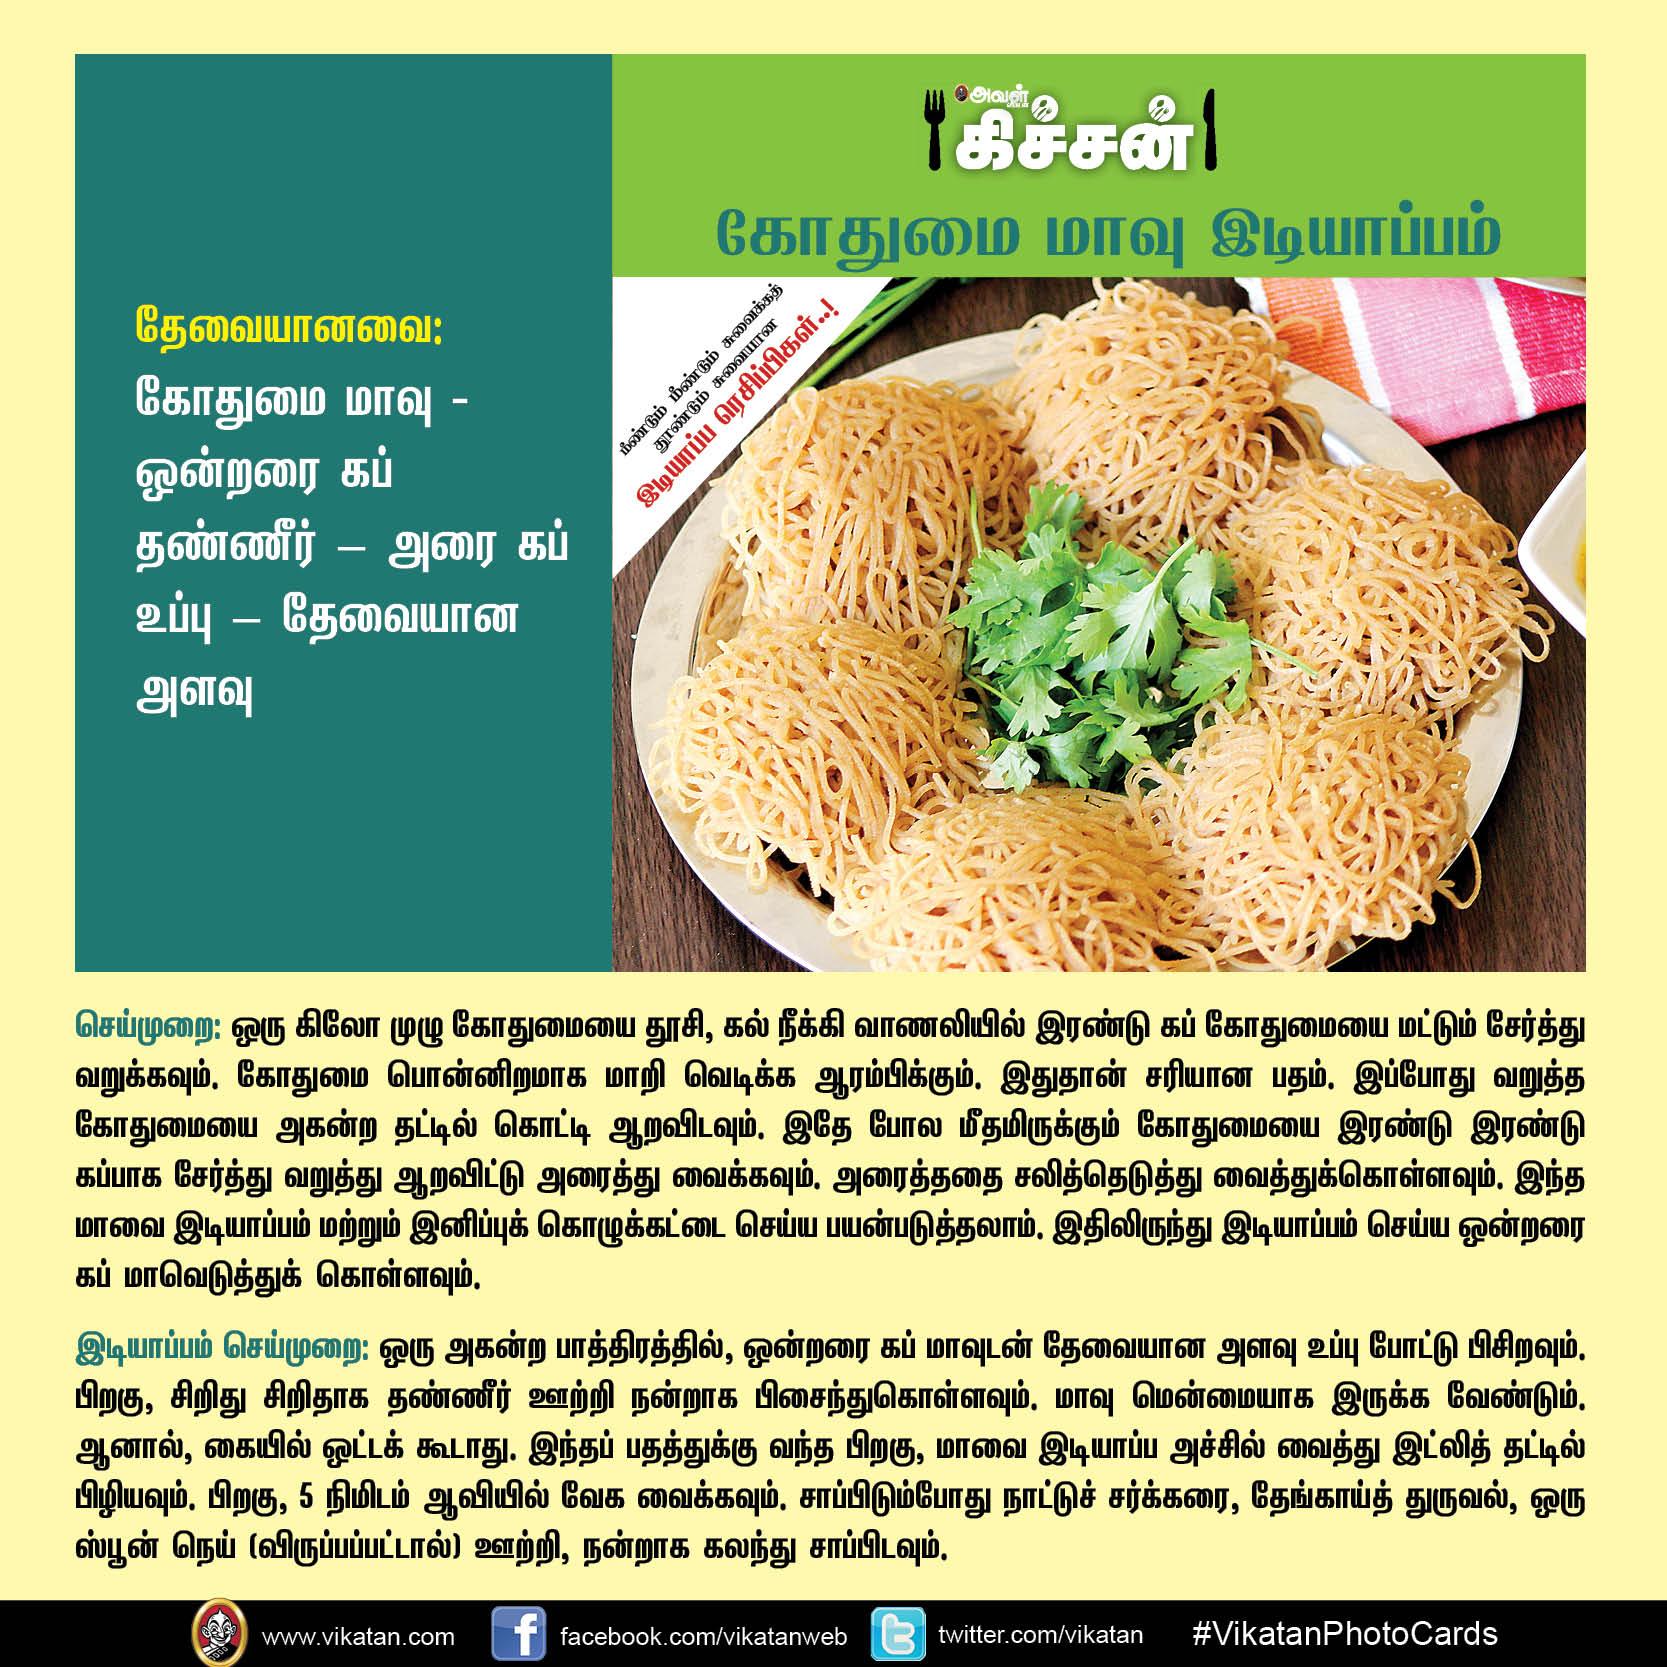 மீண்டும் மீண்டும் சுவைக்கத் தூண்டும் சுவையான இடியாப்ப ரெசிப்பிகள்..! #VikatanPhotoCards